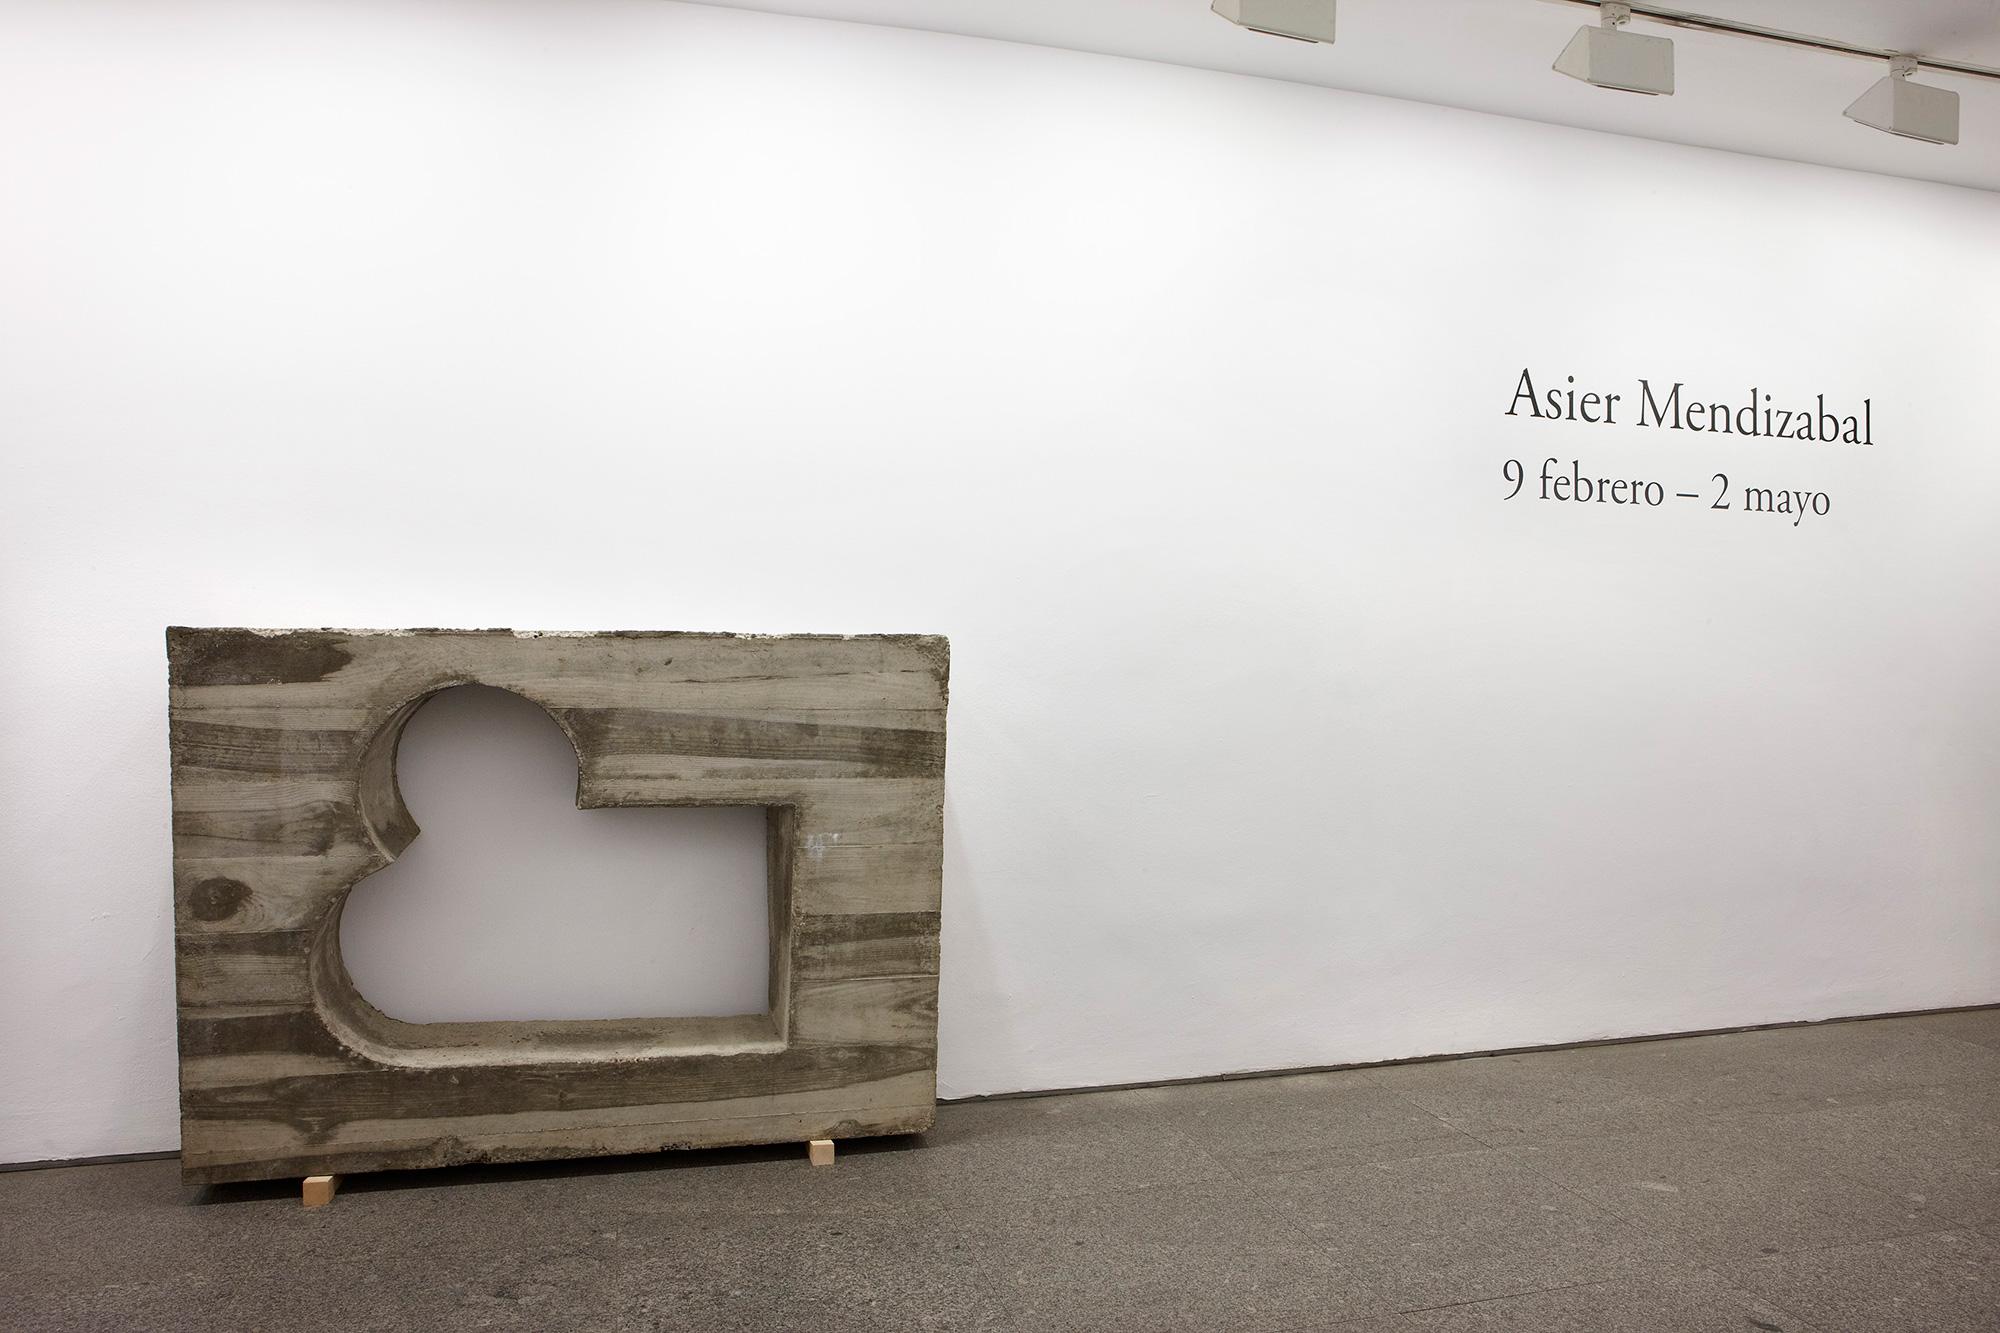 Asier Mendizabal (2011) - MNCARS